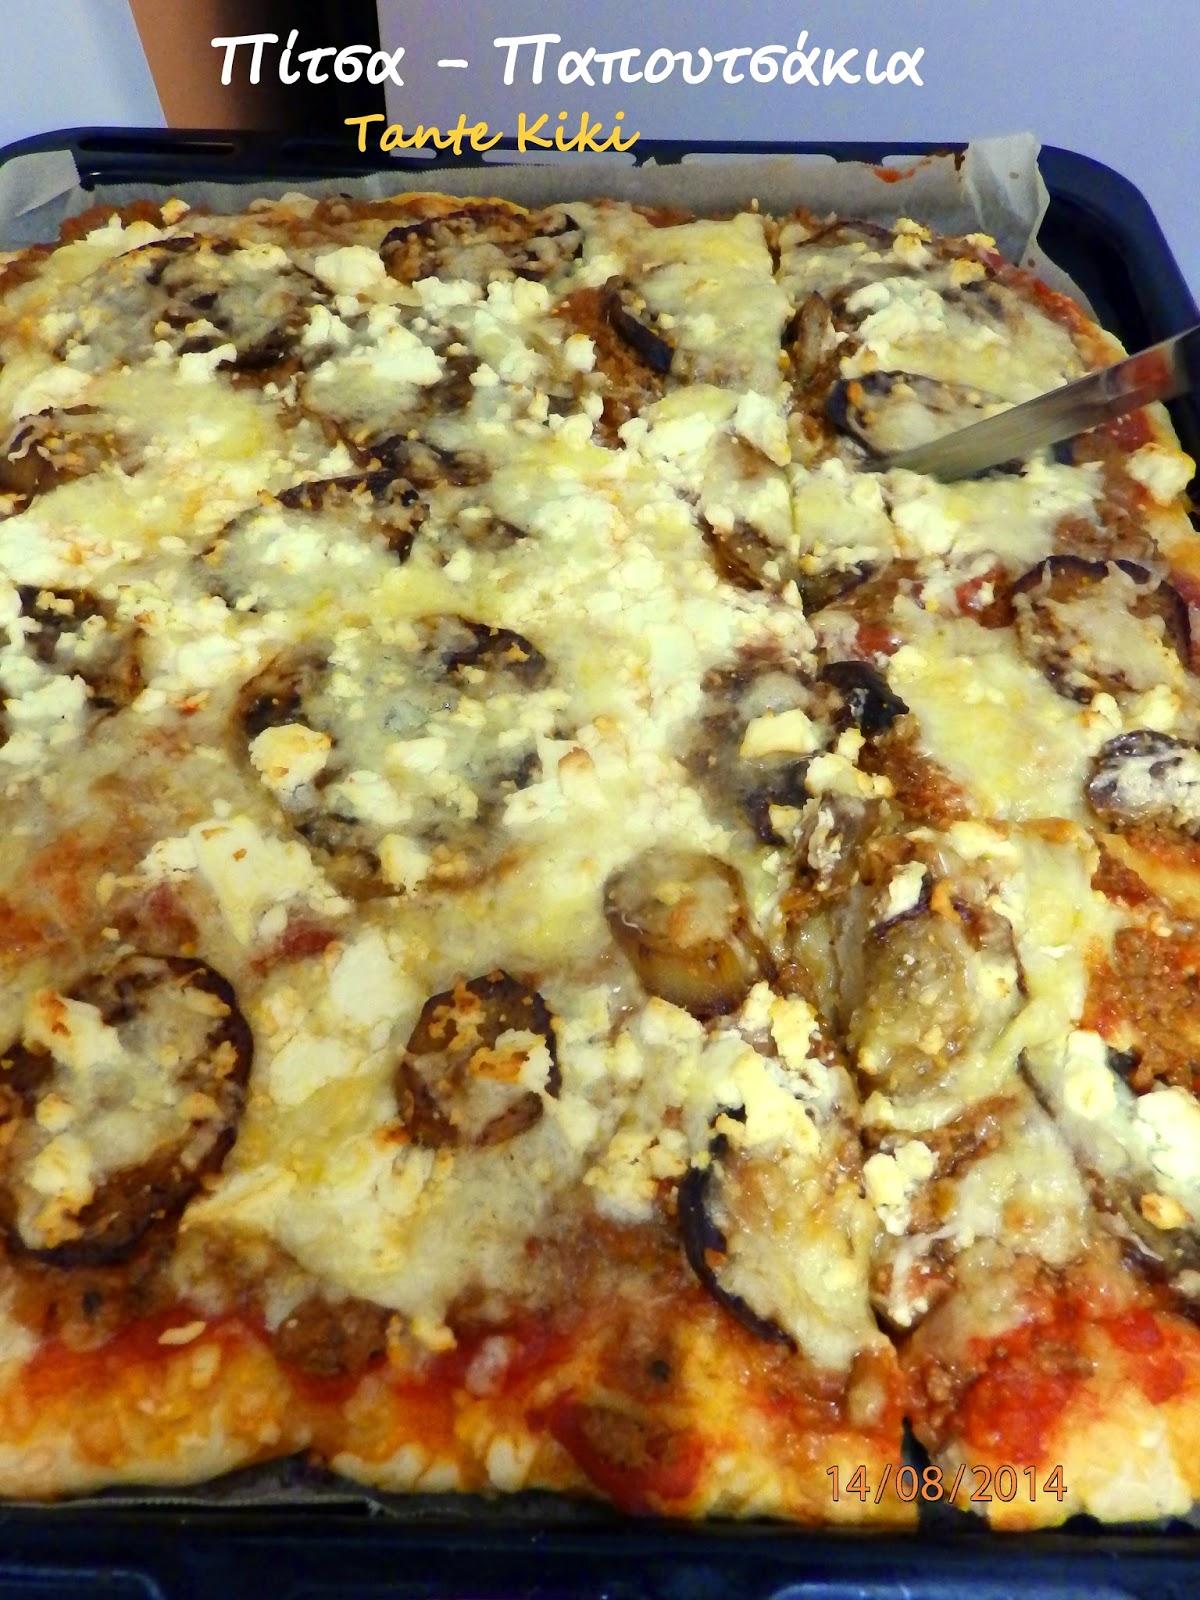 Πίτσα – παπουτσάκια…  ελληνοϊταλική υπερπαραγωγή